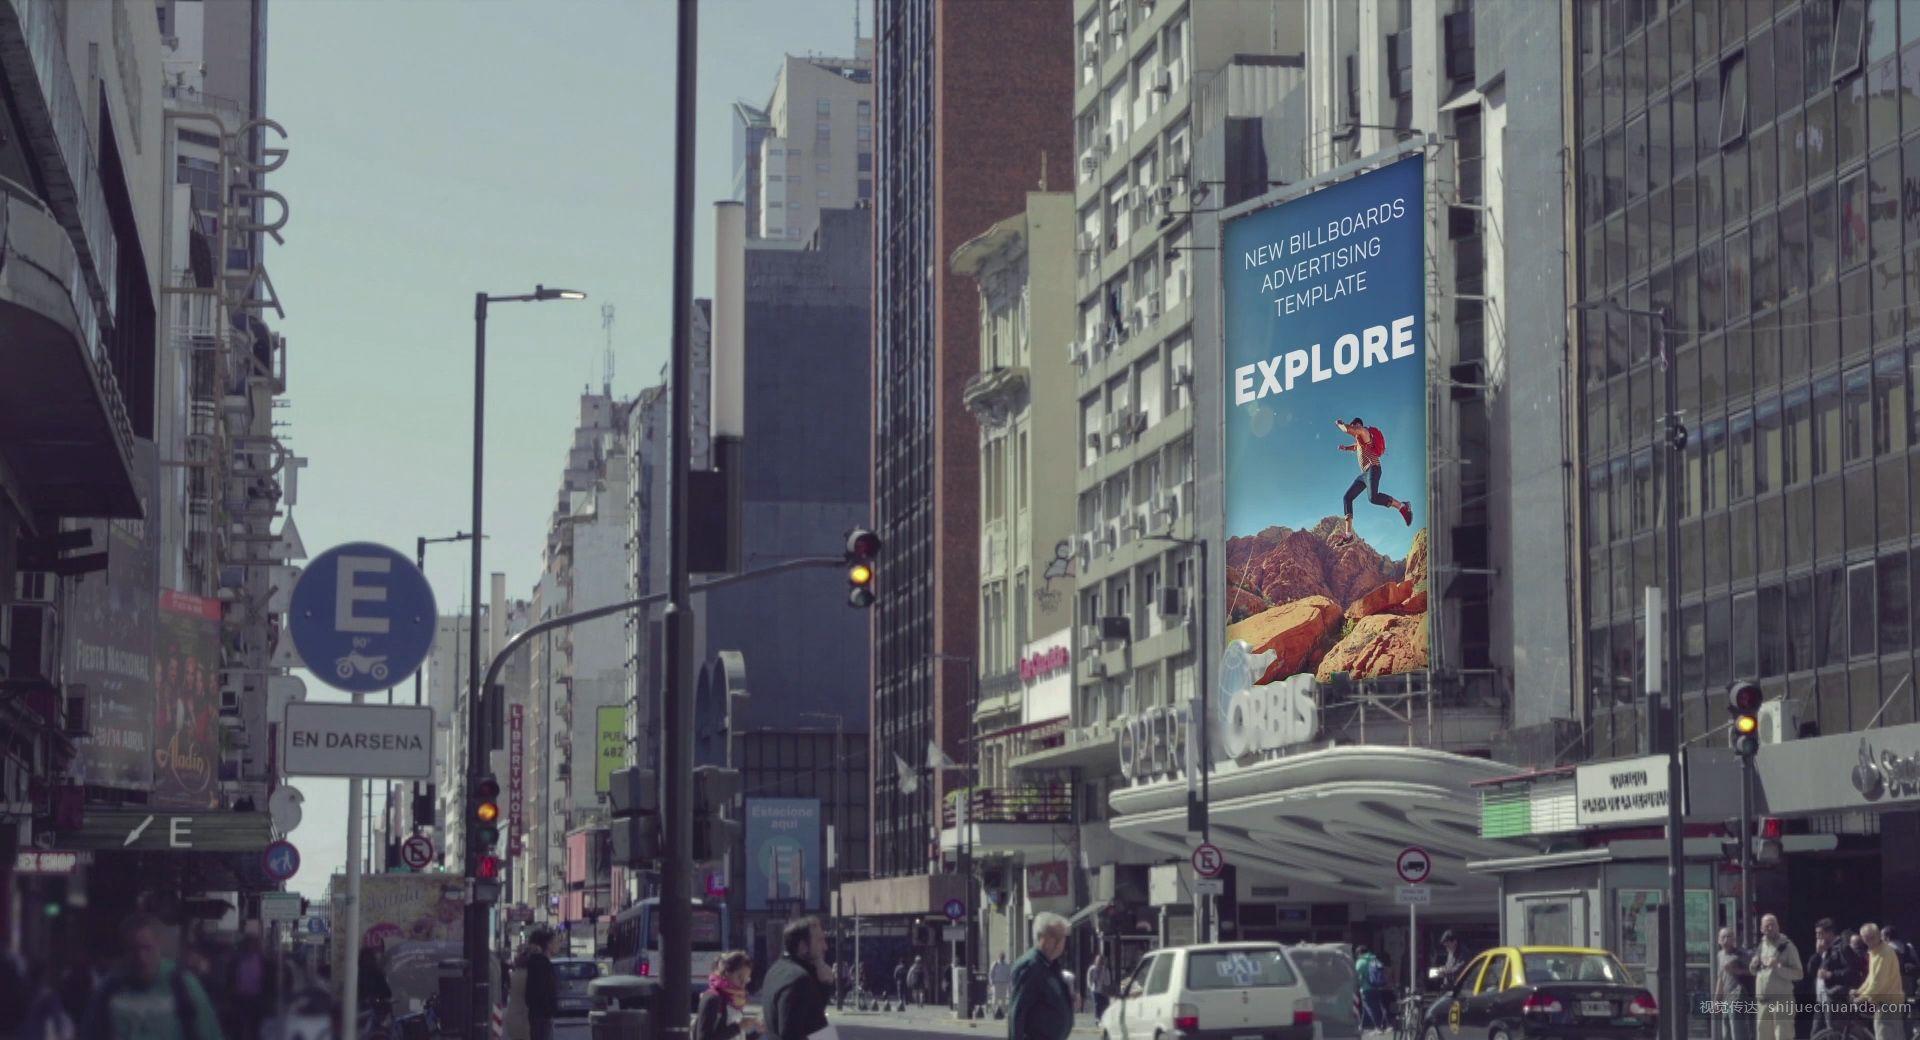 城市广告牌 After Effects 样机模板